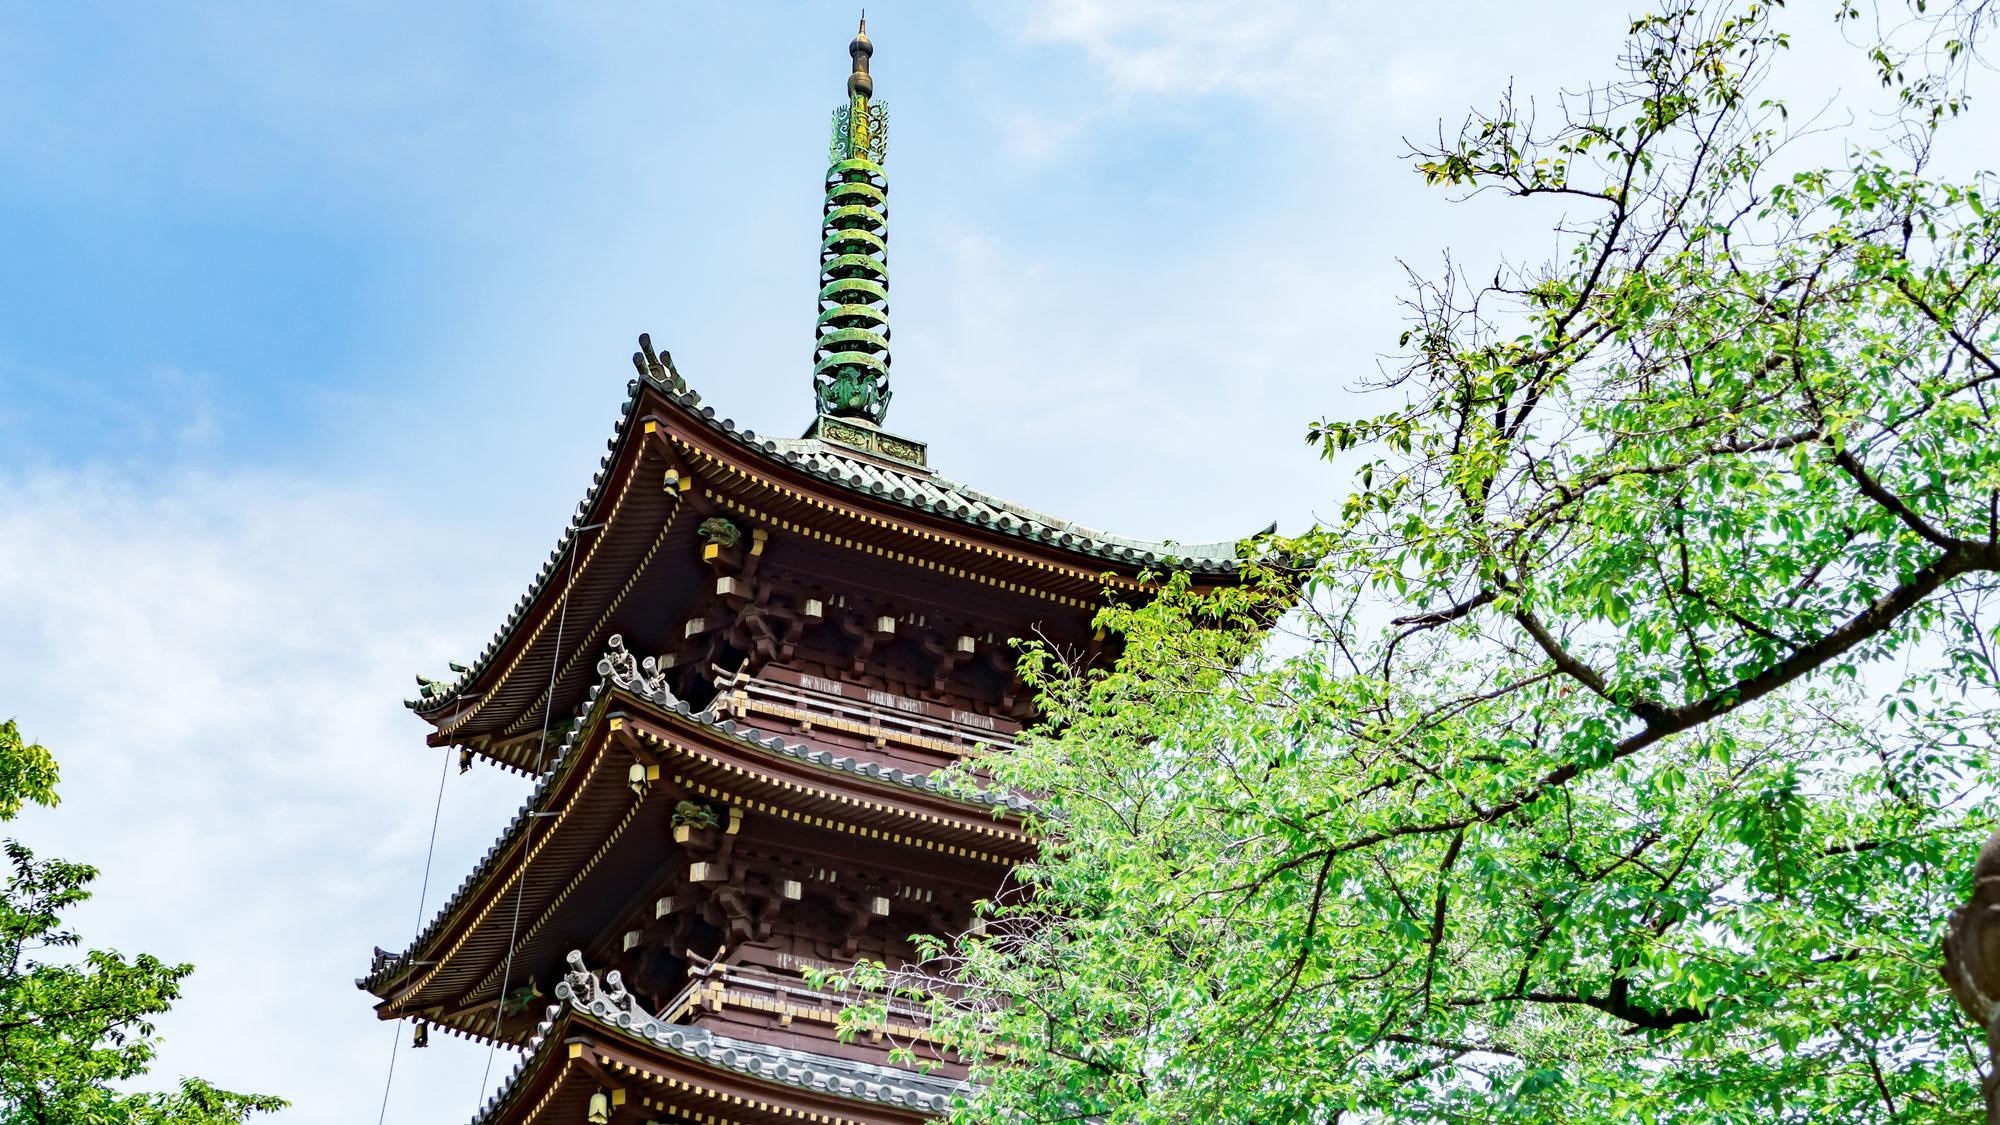 旧寛永寺五重塔(上野公園)